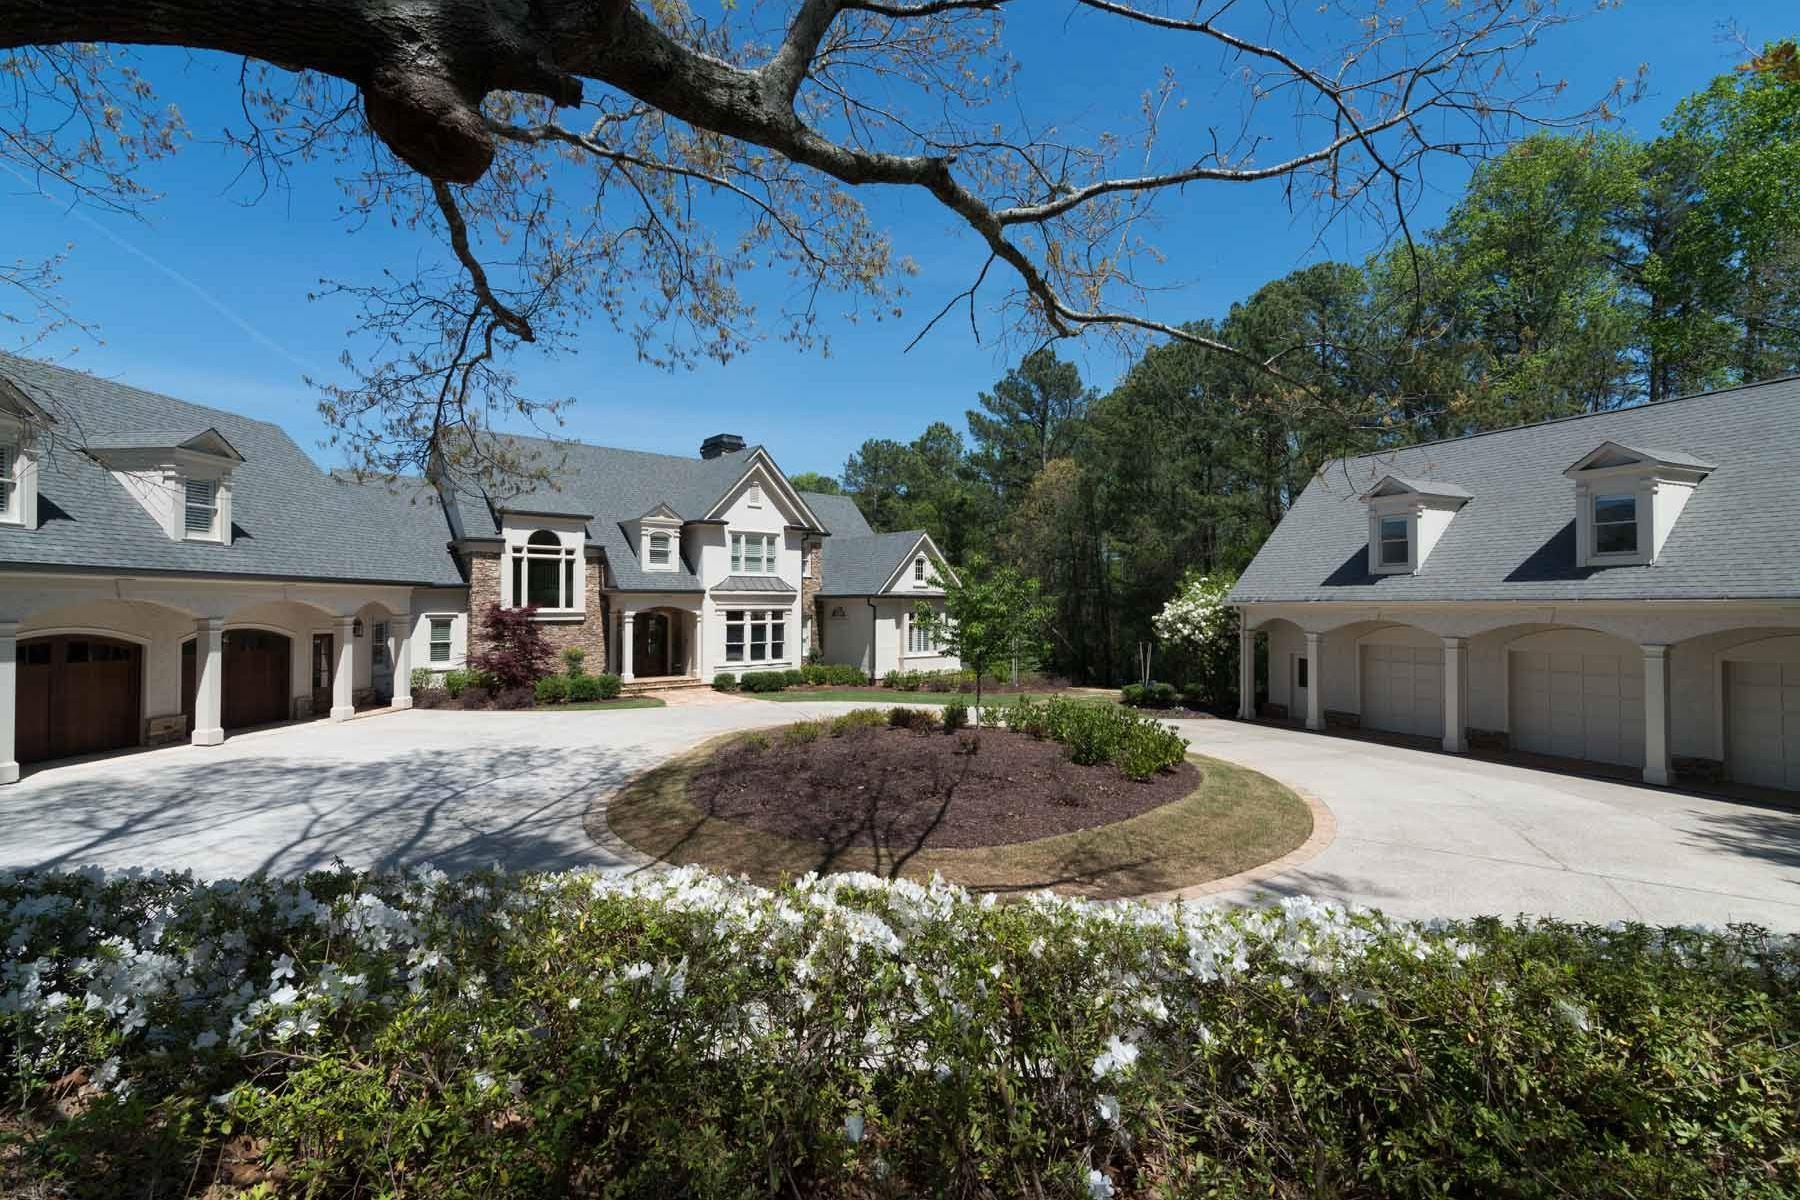 Ферма / ранчо / плантация для того Продажа на Elegant Gated Equestrian Estate 13165 Birmingham Highway Milton, Джорджия, 30004 Соединенные Штаты